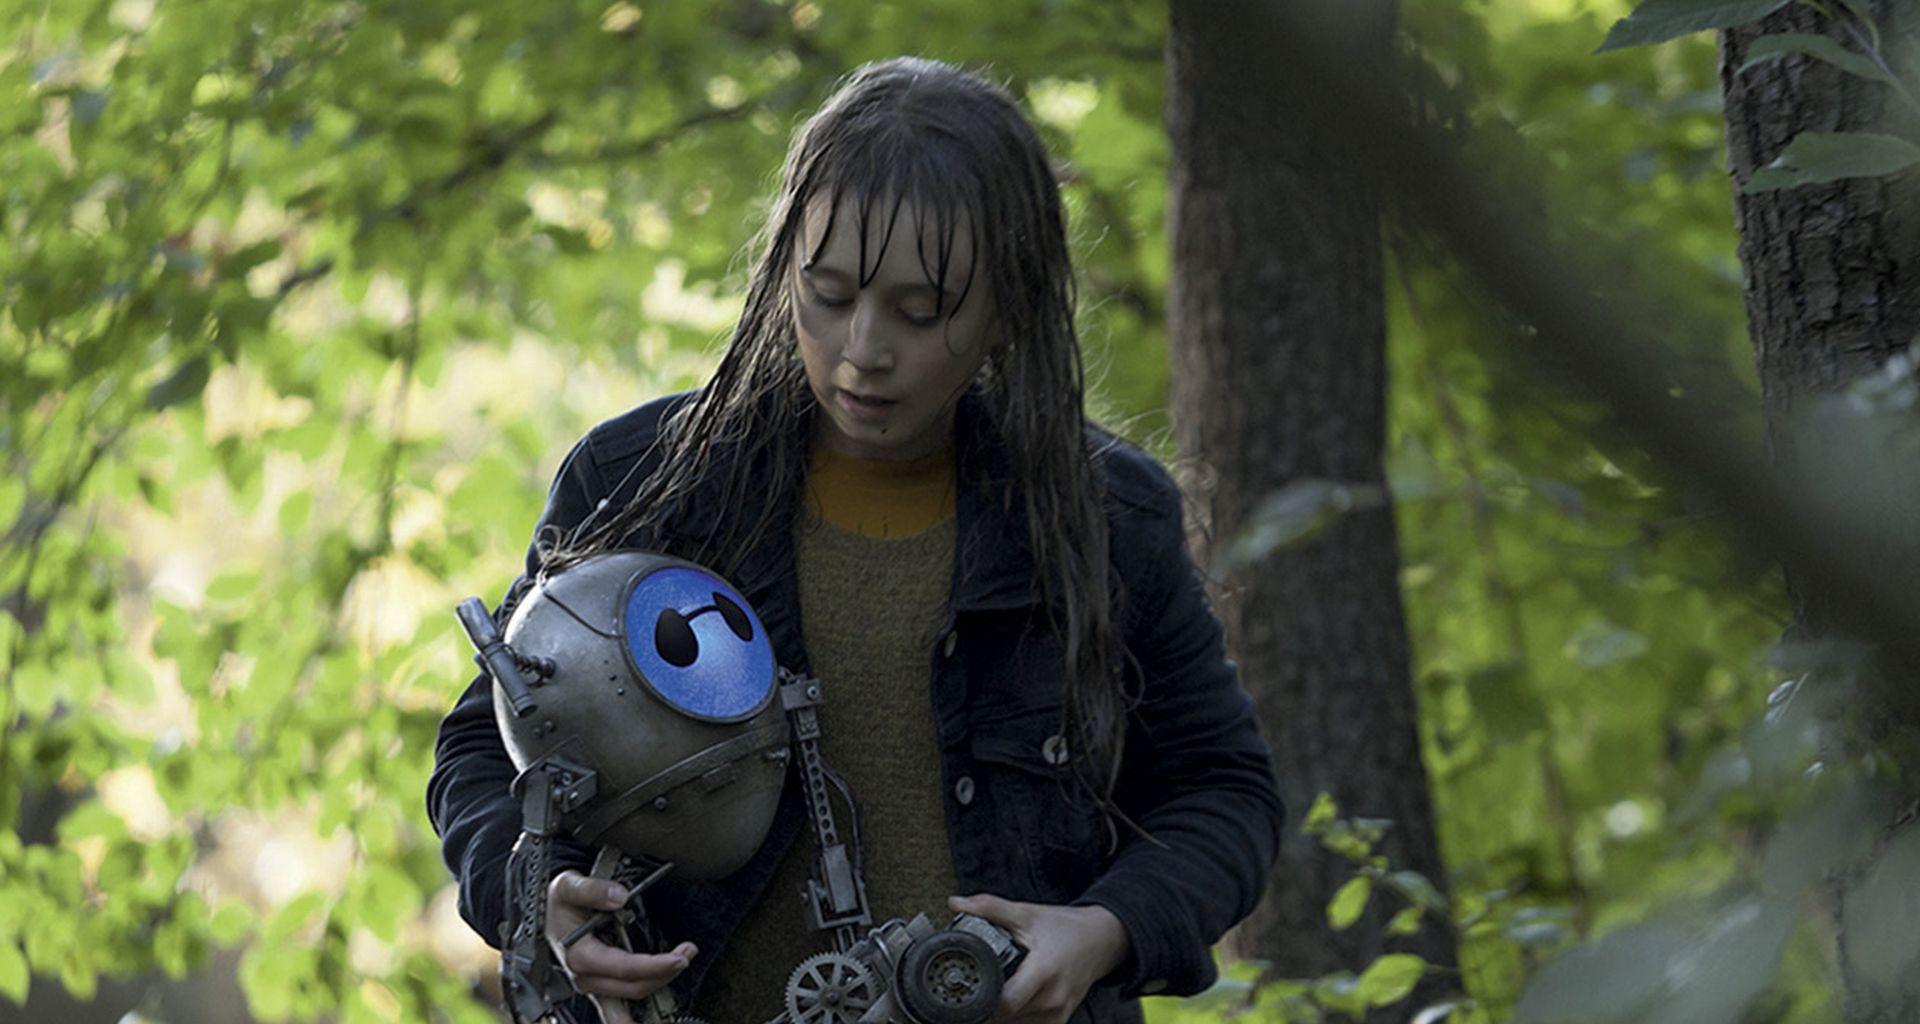 Snima se prvi hrvatski SF film za djecu inspiriran Spielbergovim klasikom 'E.T.'